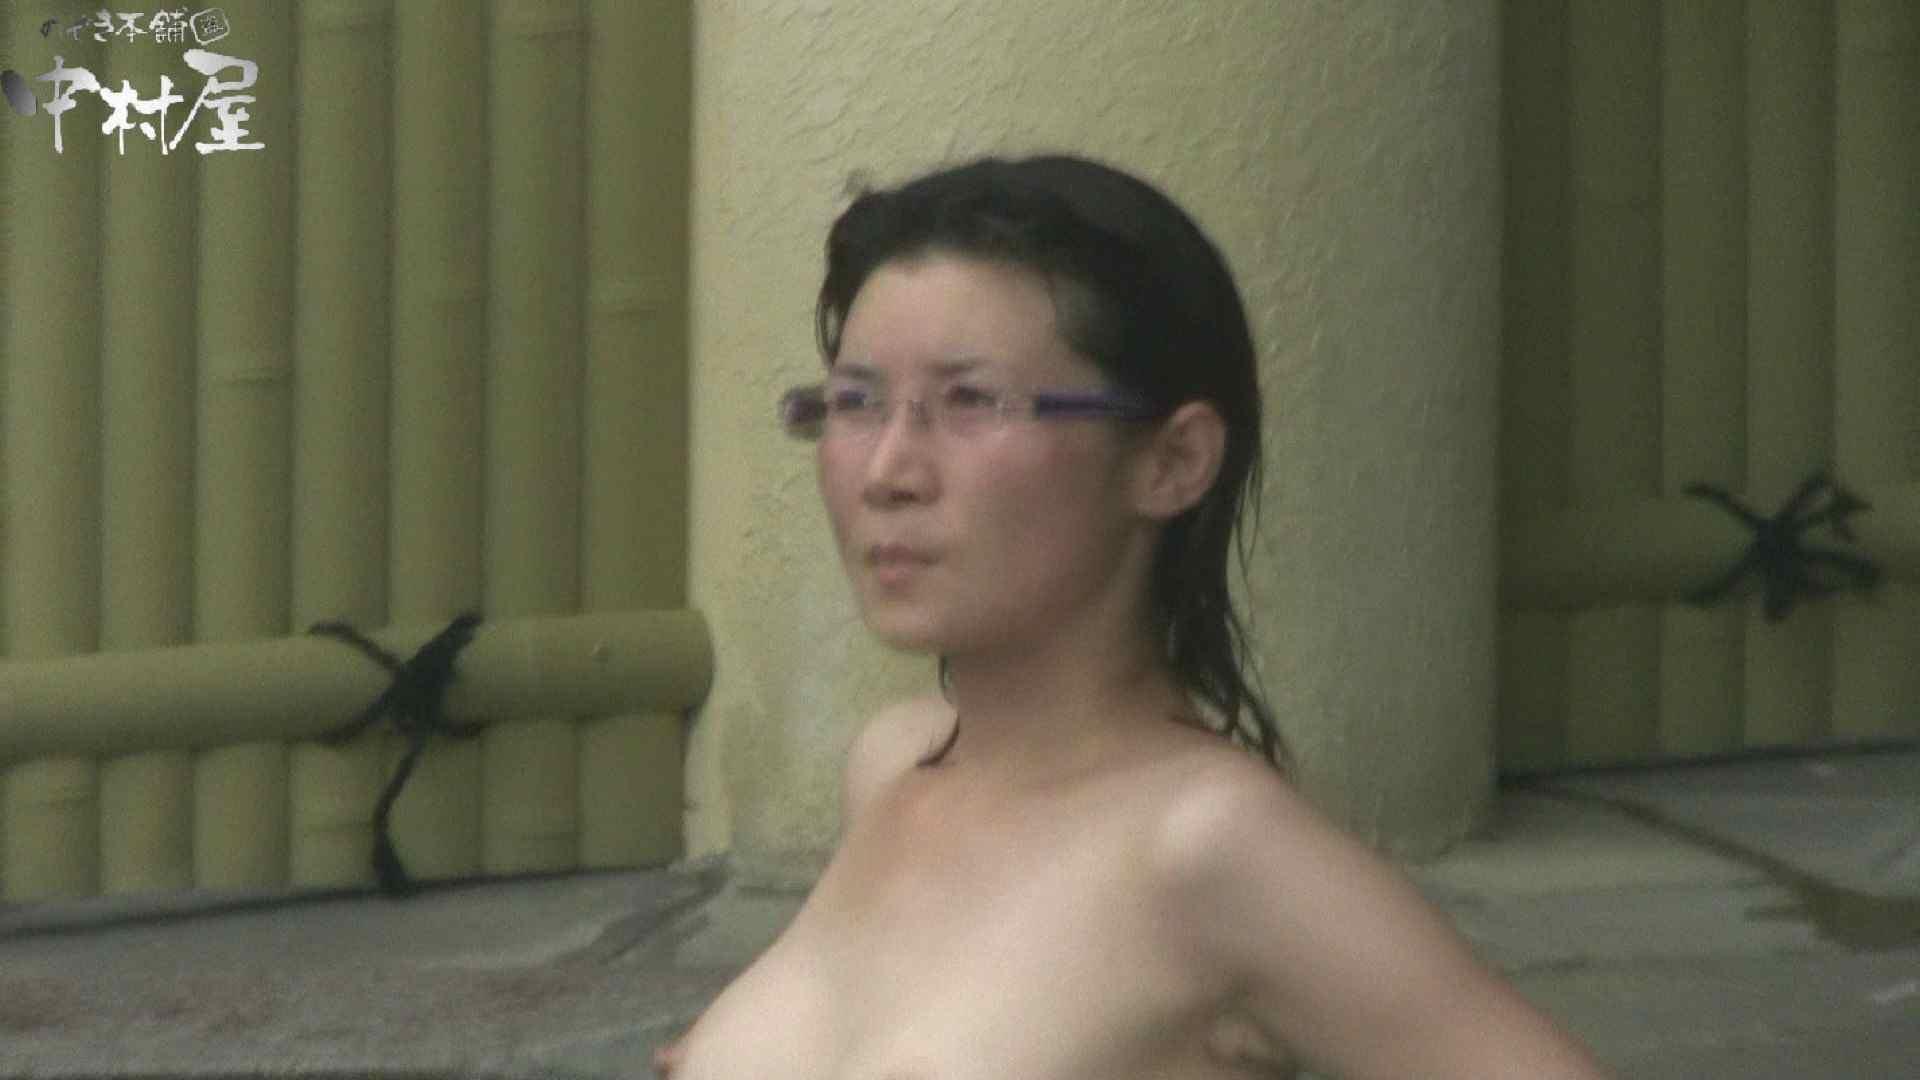 Aquaな露天風呂Vol.905 盗撮 セックス画像 71画像 14